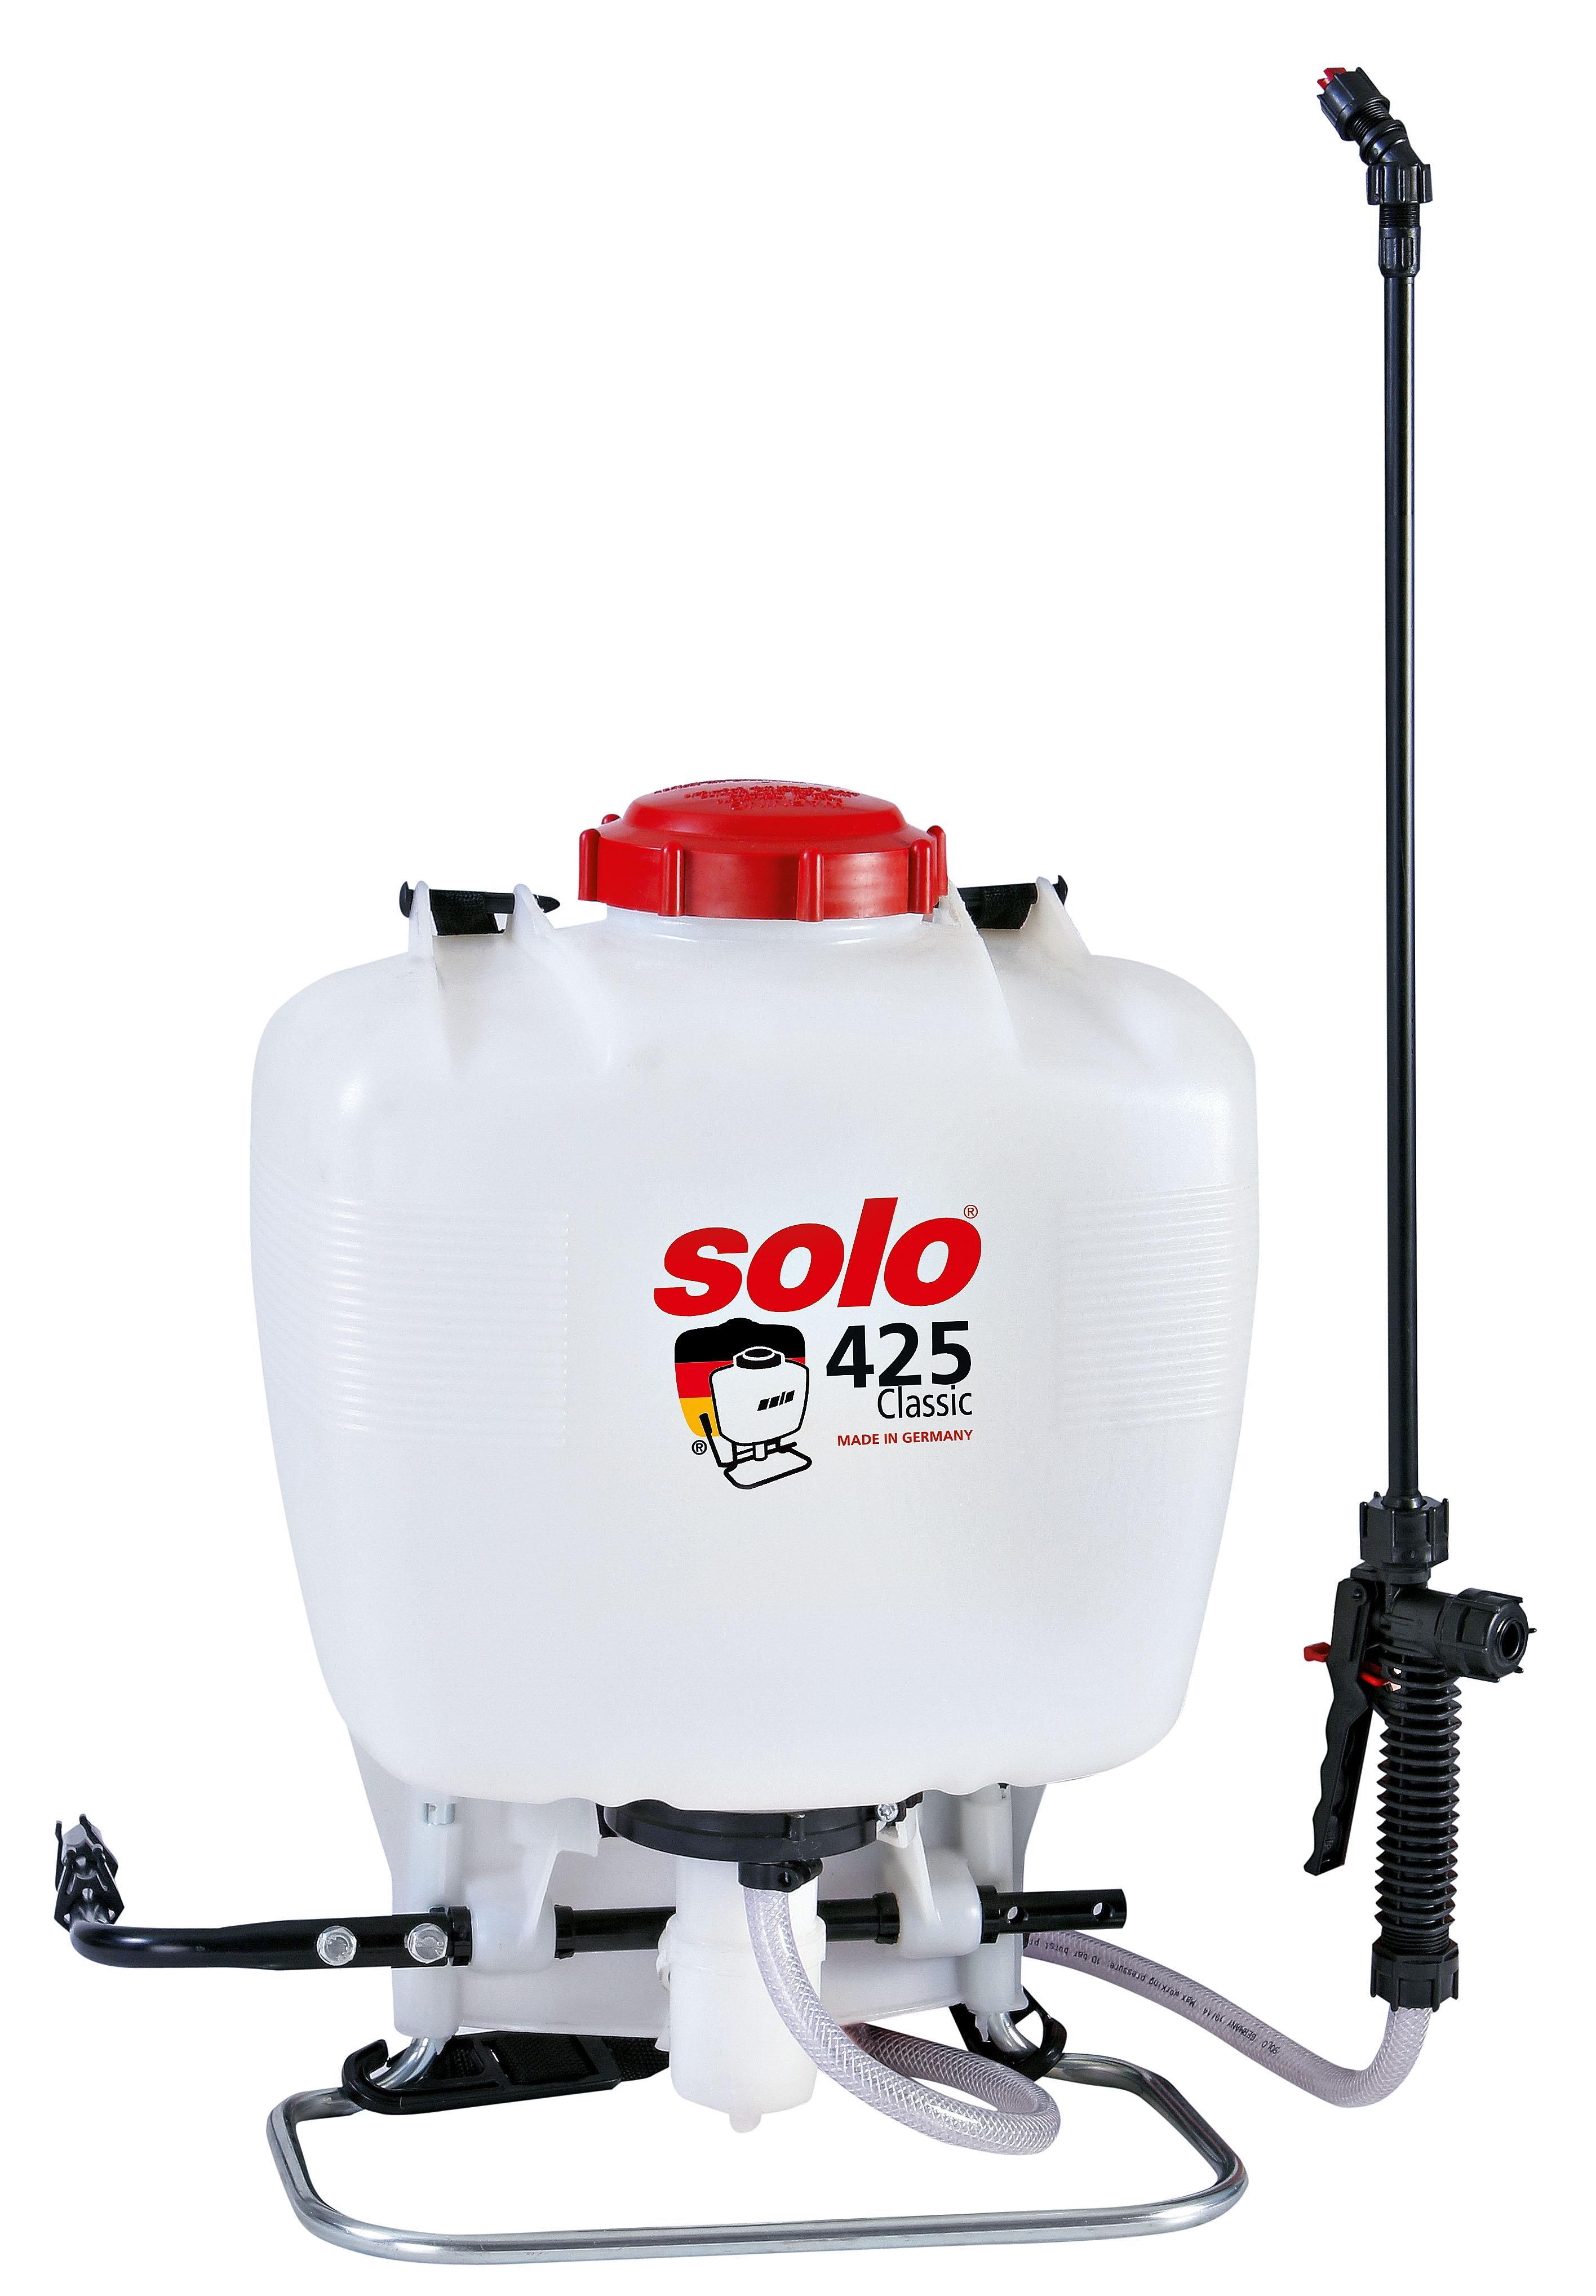 Ранцевый ручной опрыскиватель Solo 425 classic